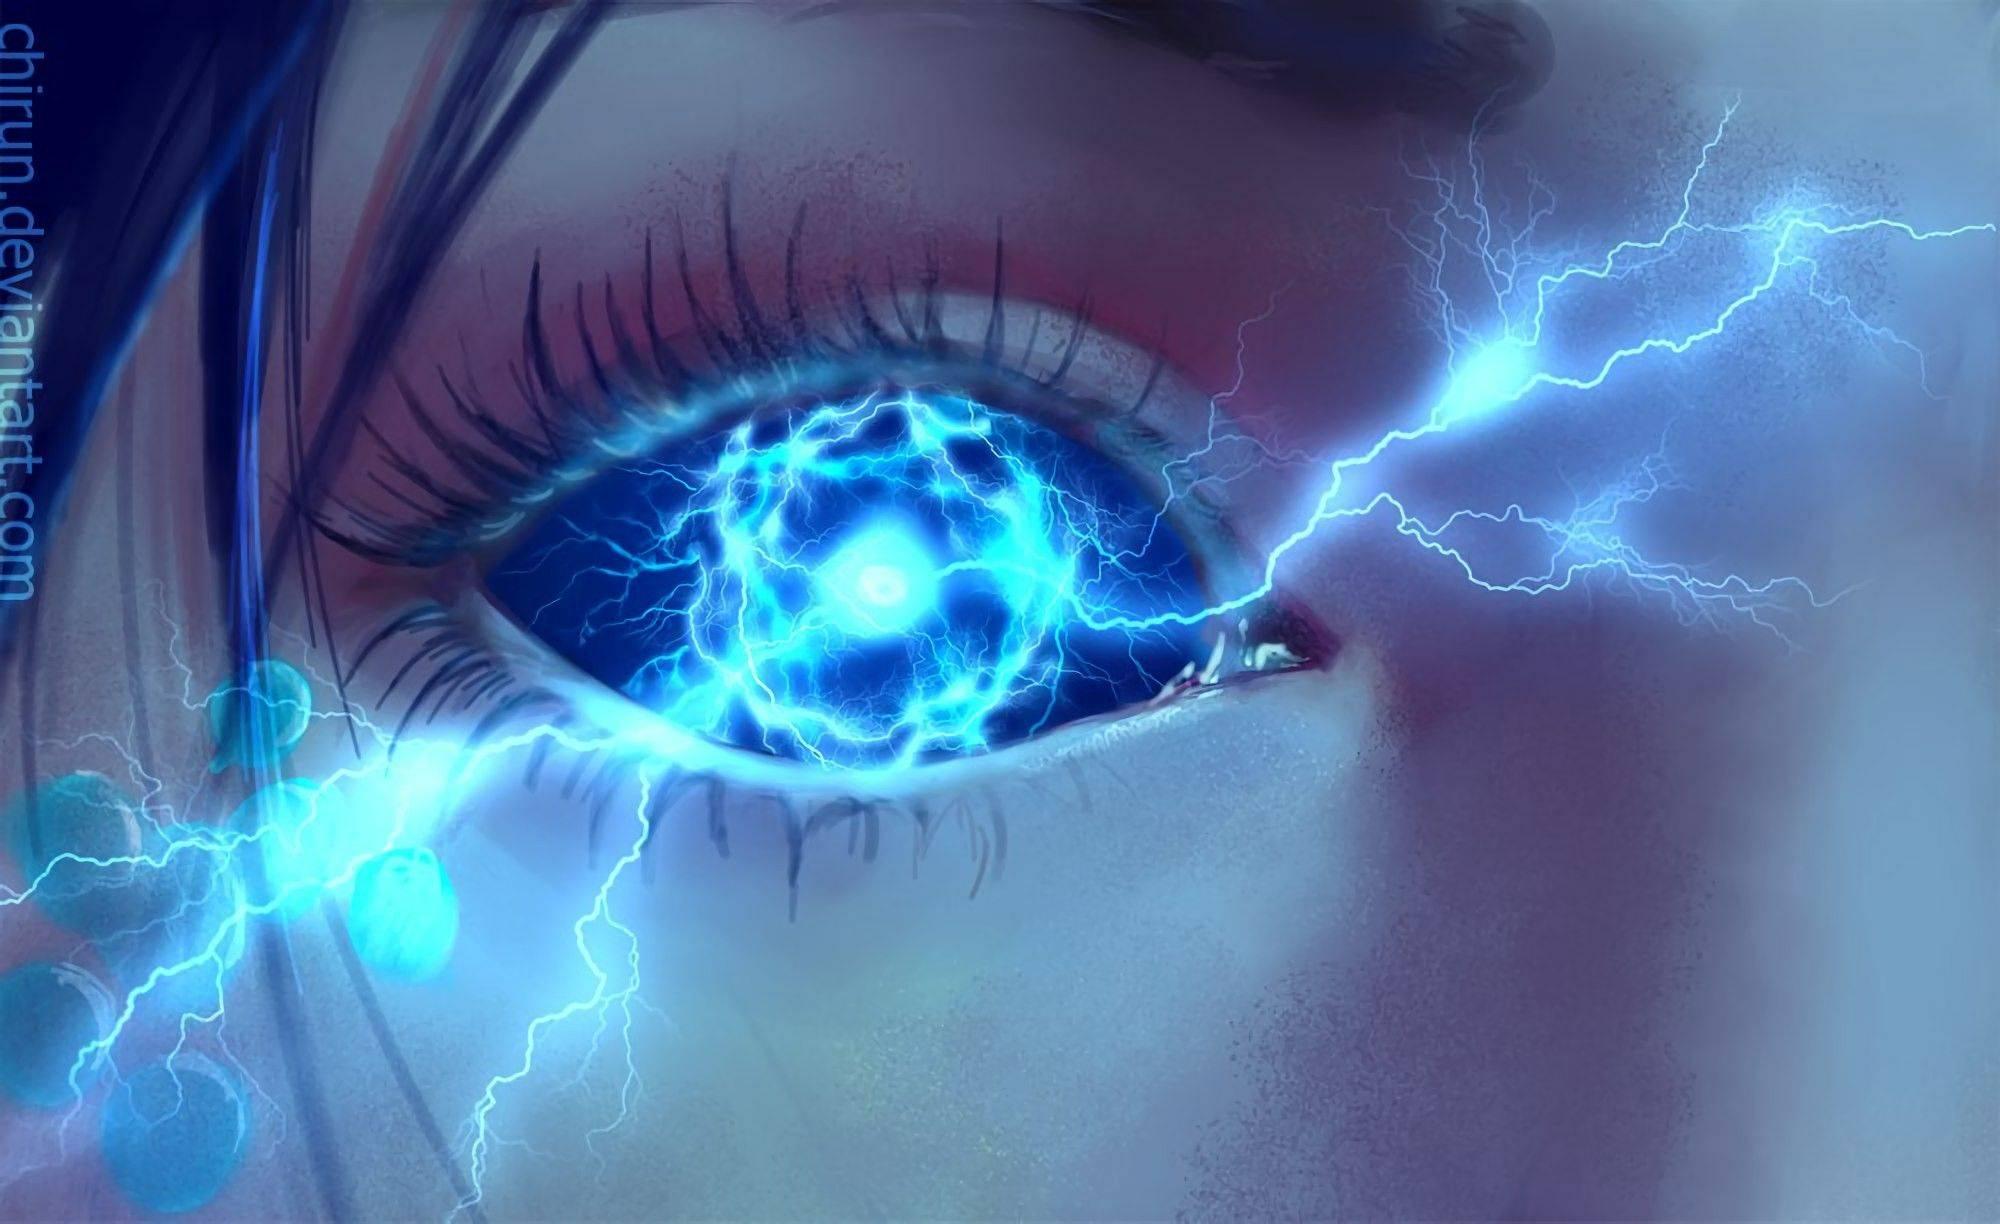 Почему в глазах появляются вспышки и как с ними бороться oculistic.ru почему в глазах появляются вспышки и как с ними бороться